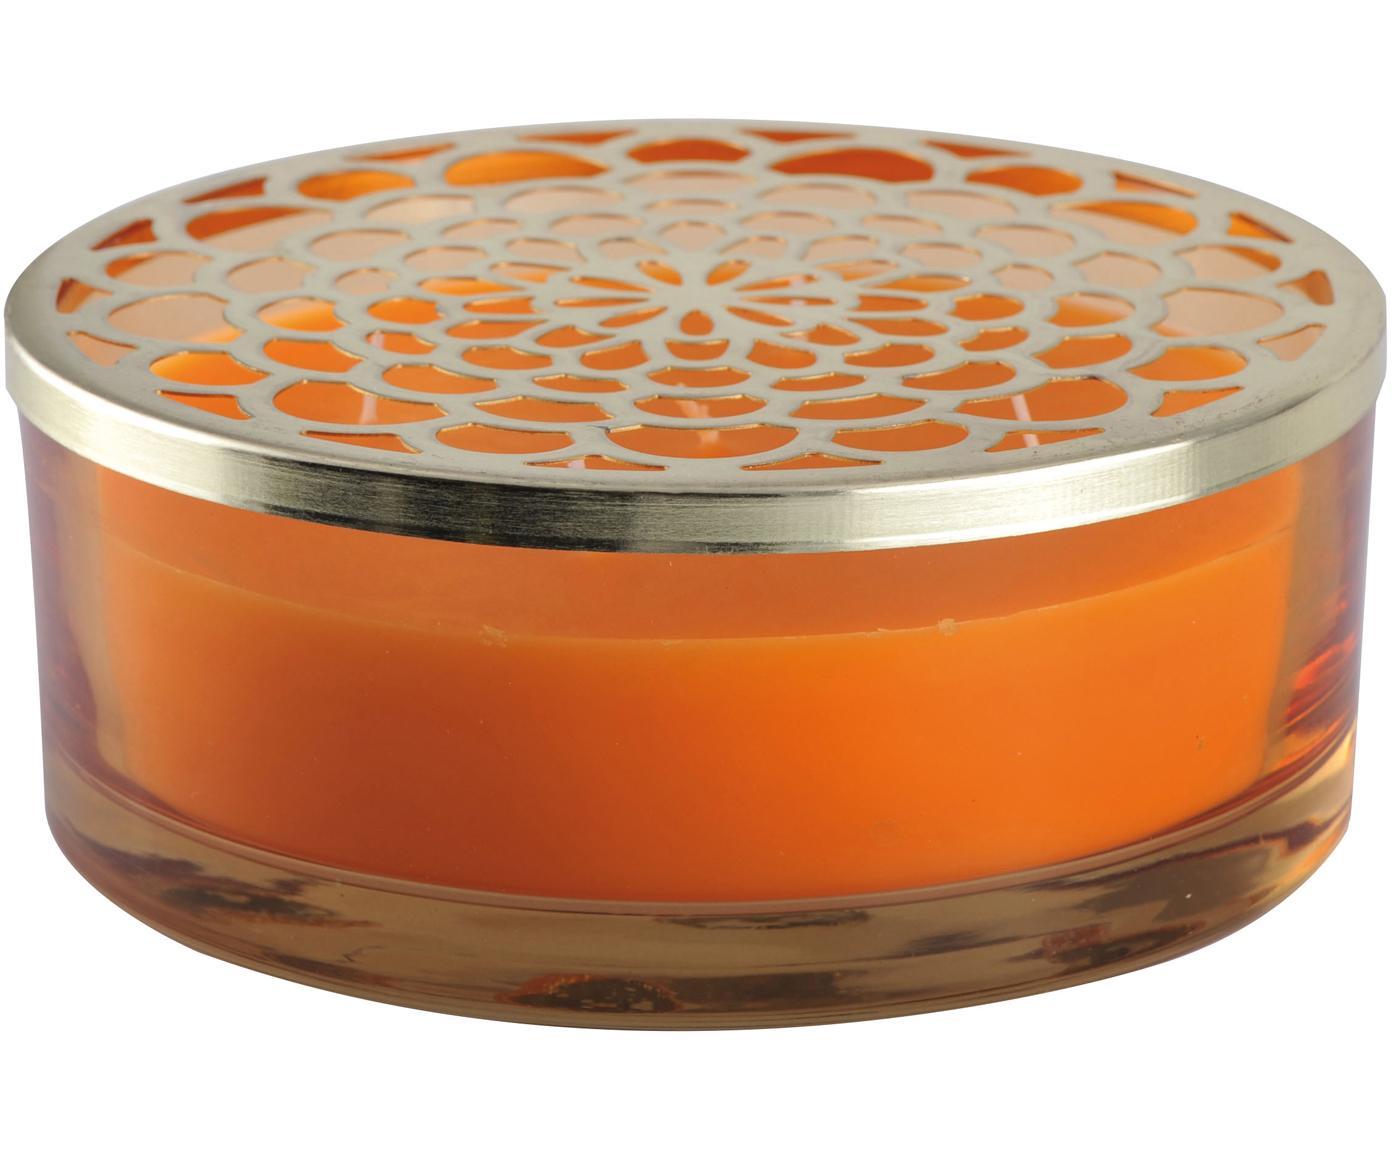 Świeca zapachowa Narana (pomarańcza), Odcienie złotego, pomarańczowy, Ø 20 x W 8 cm